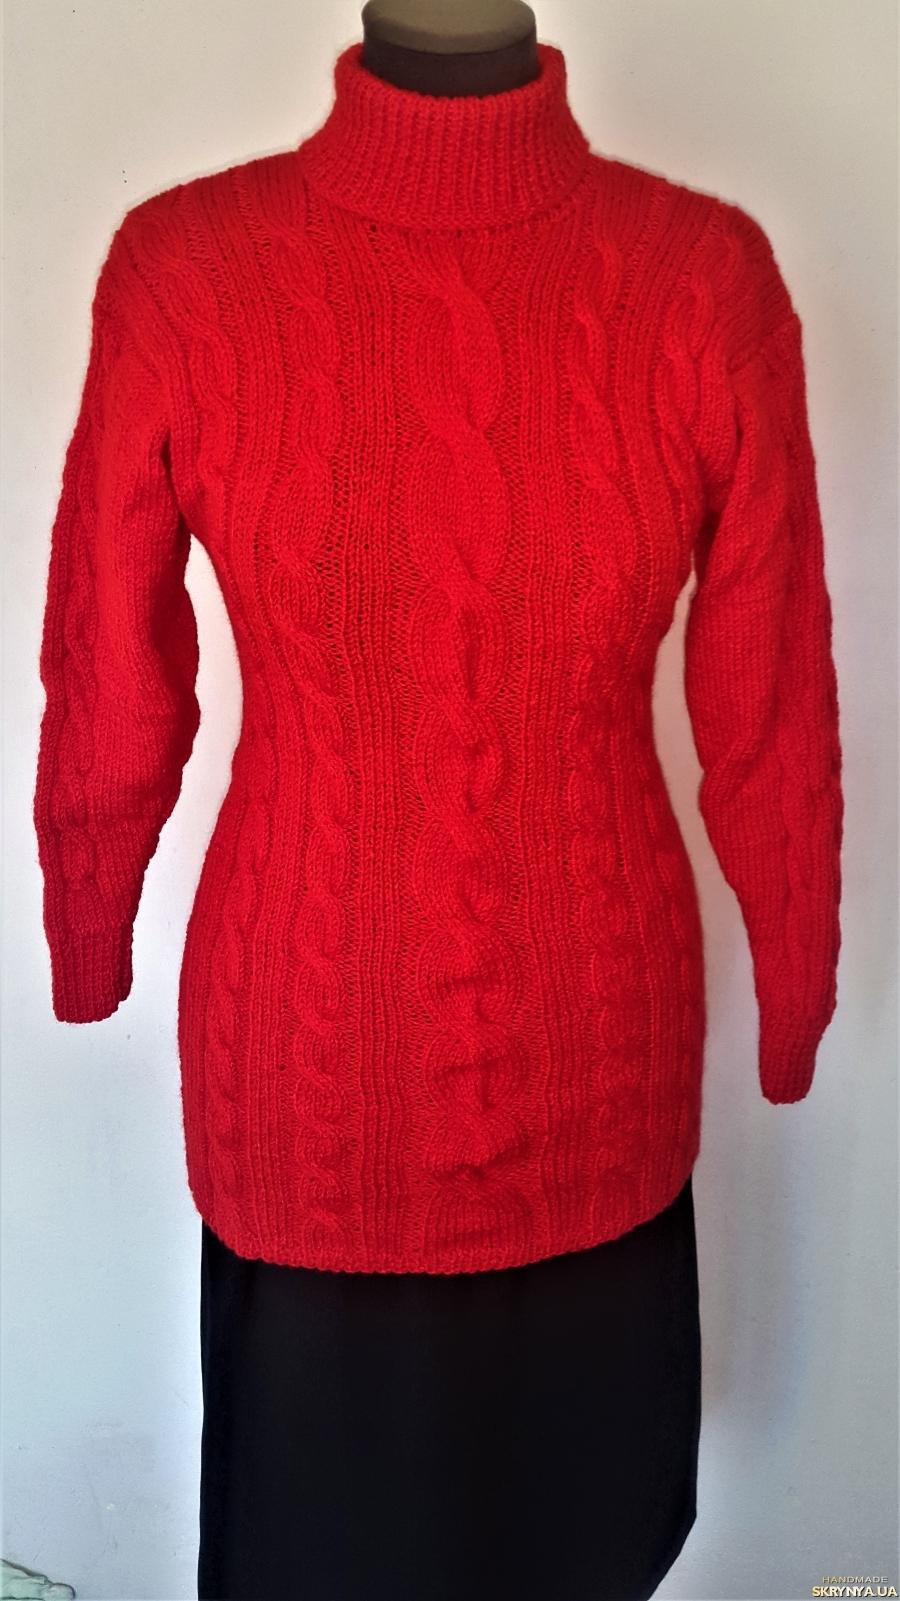 тут изображено Теплый красный женский свитер ручной работы 40 - 42 размера.